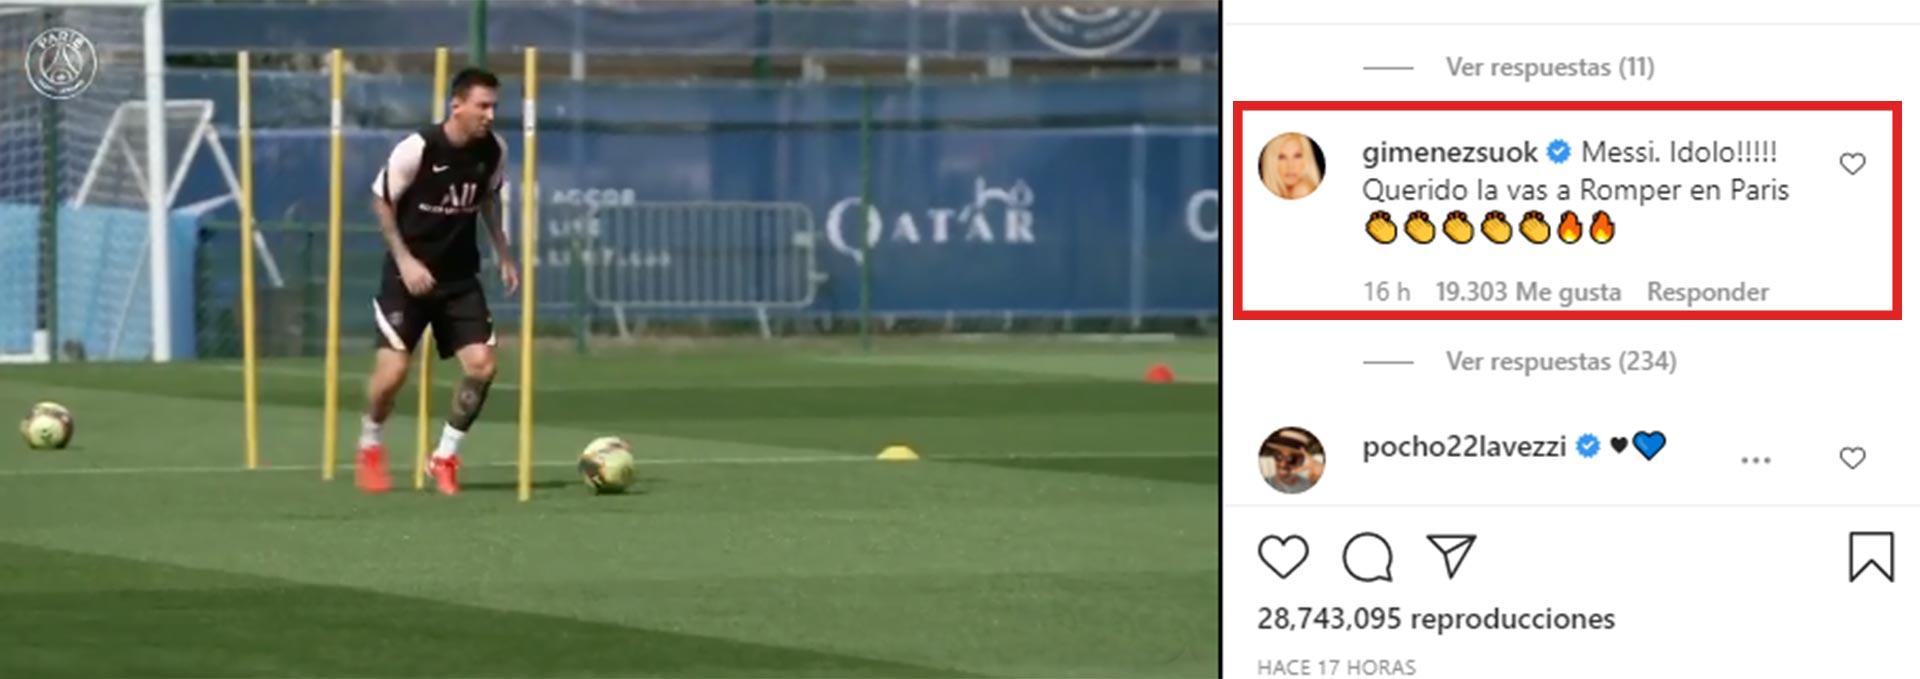 Susana usó Instagram para saludar a Messi por su llegada al PSG